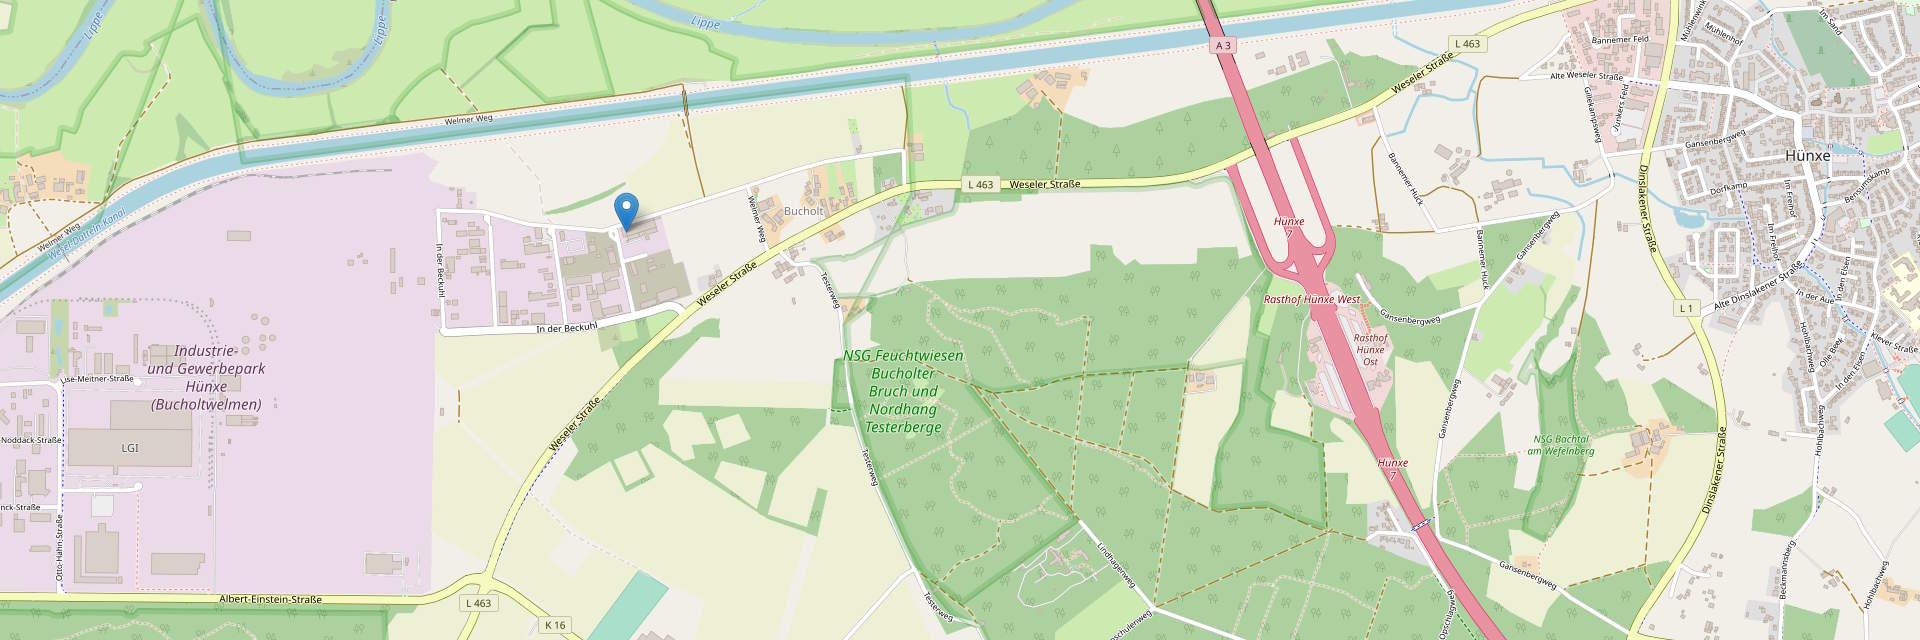 Kartenausschnitt des Standortes der EPV Maschinentechnik GmbH